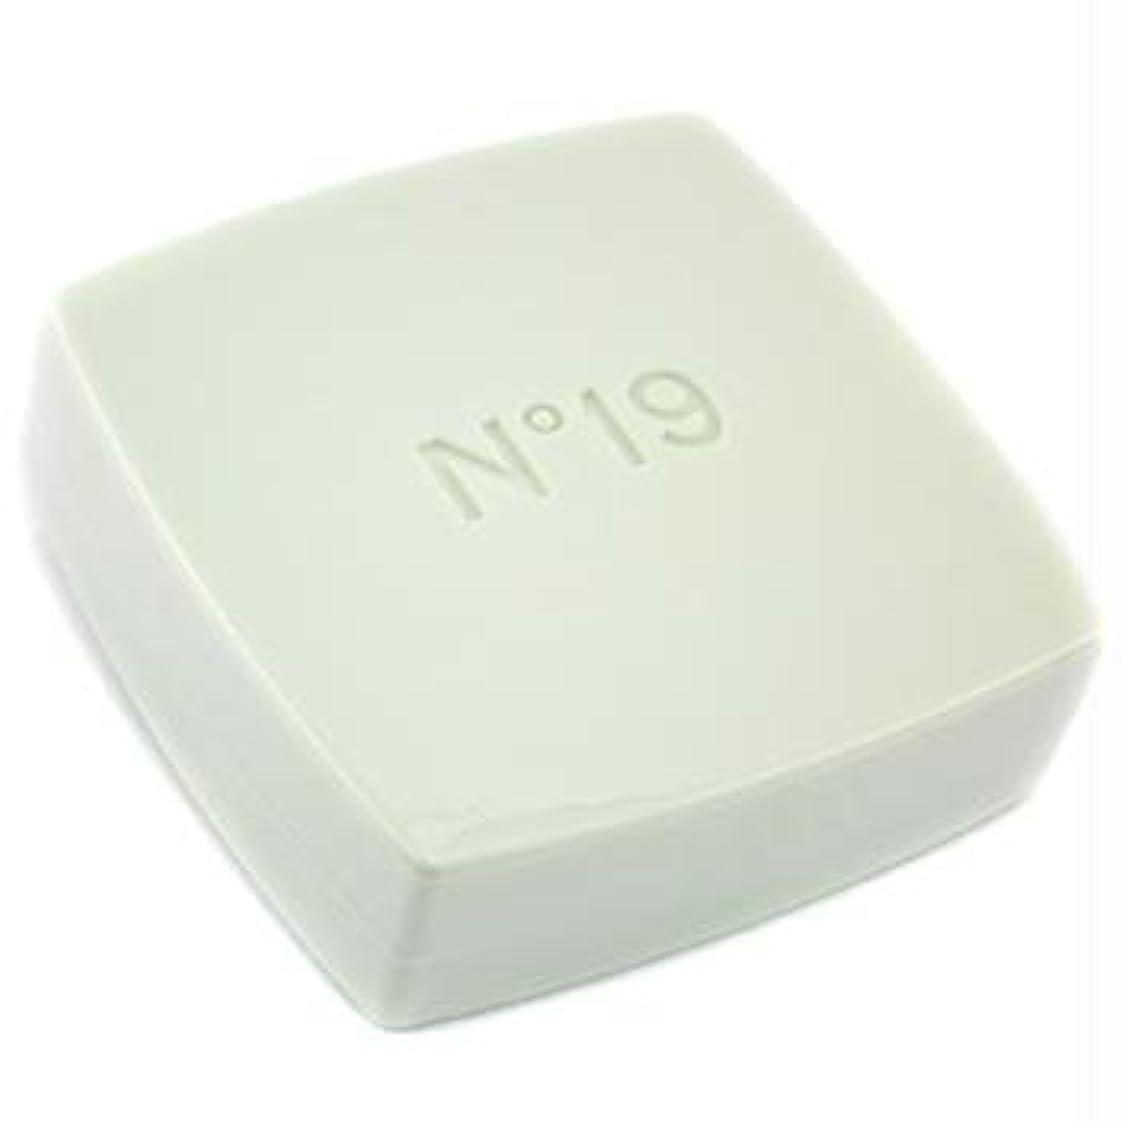 規定氷犬シャネル CHANEL NO.19 サヴォン 150g fs 【並行輸入品】